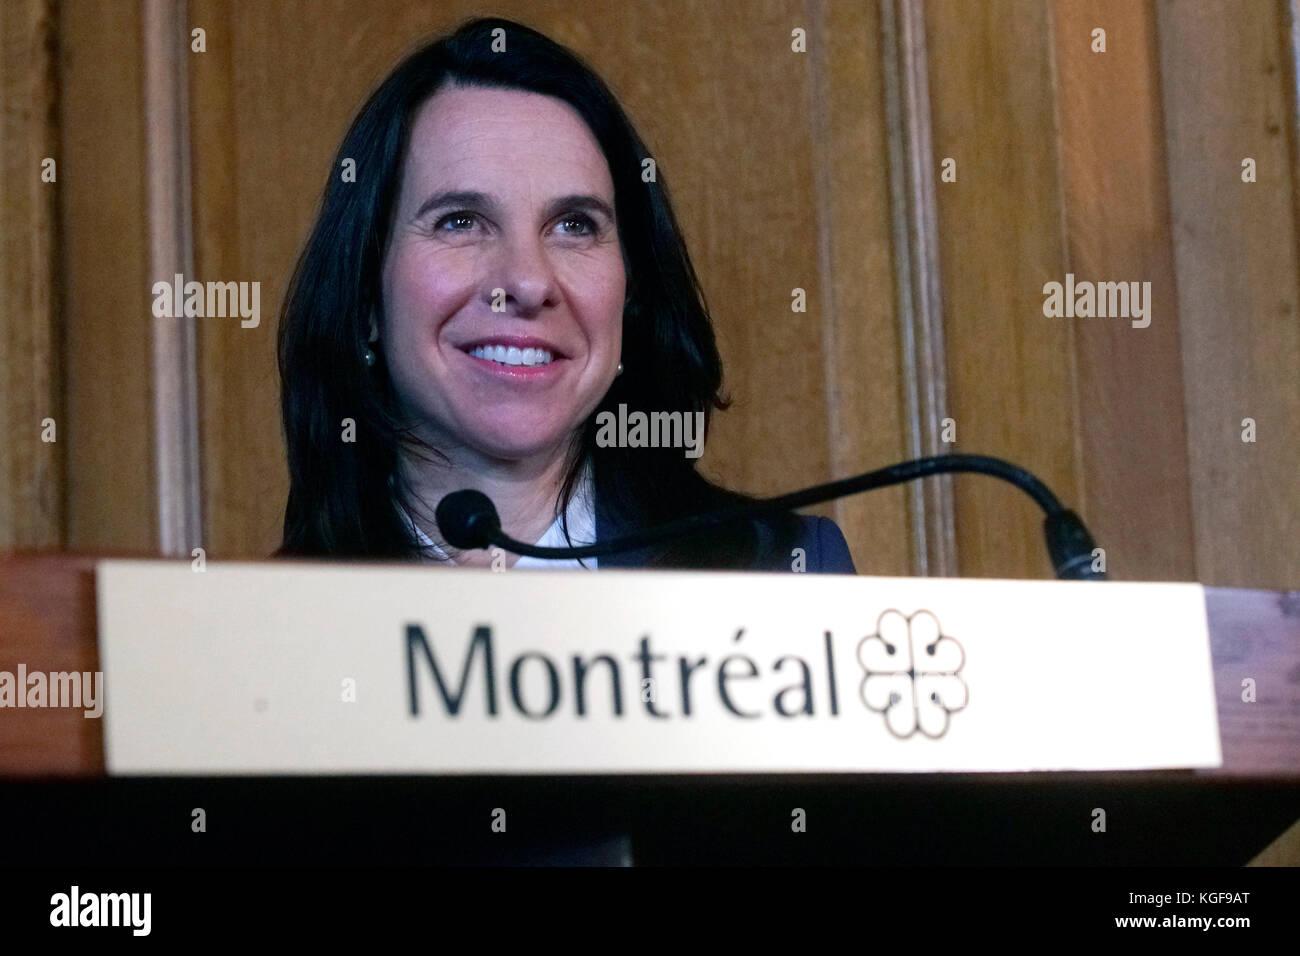 Montréal, Canada. Nov 7, 2017. La première femme maire de Montréal Valérie plante lors d'une Photo Stock